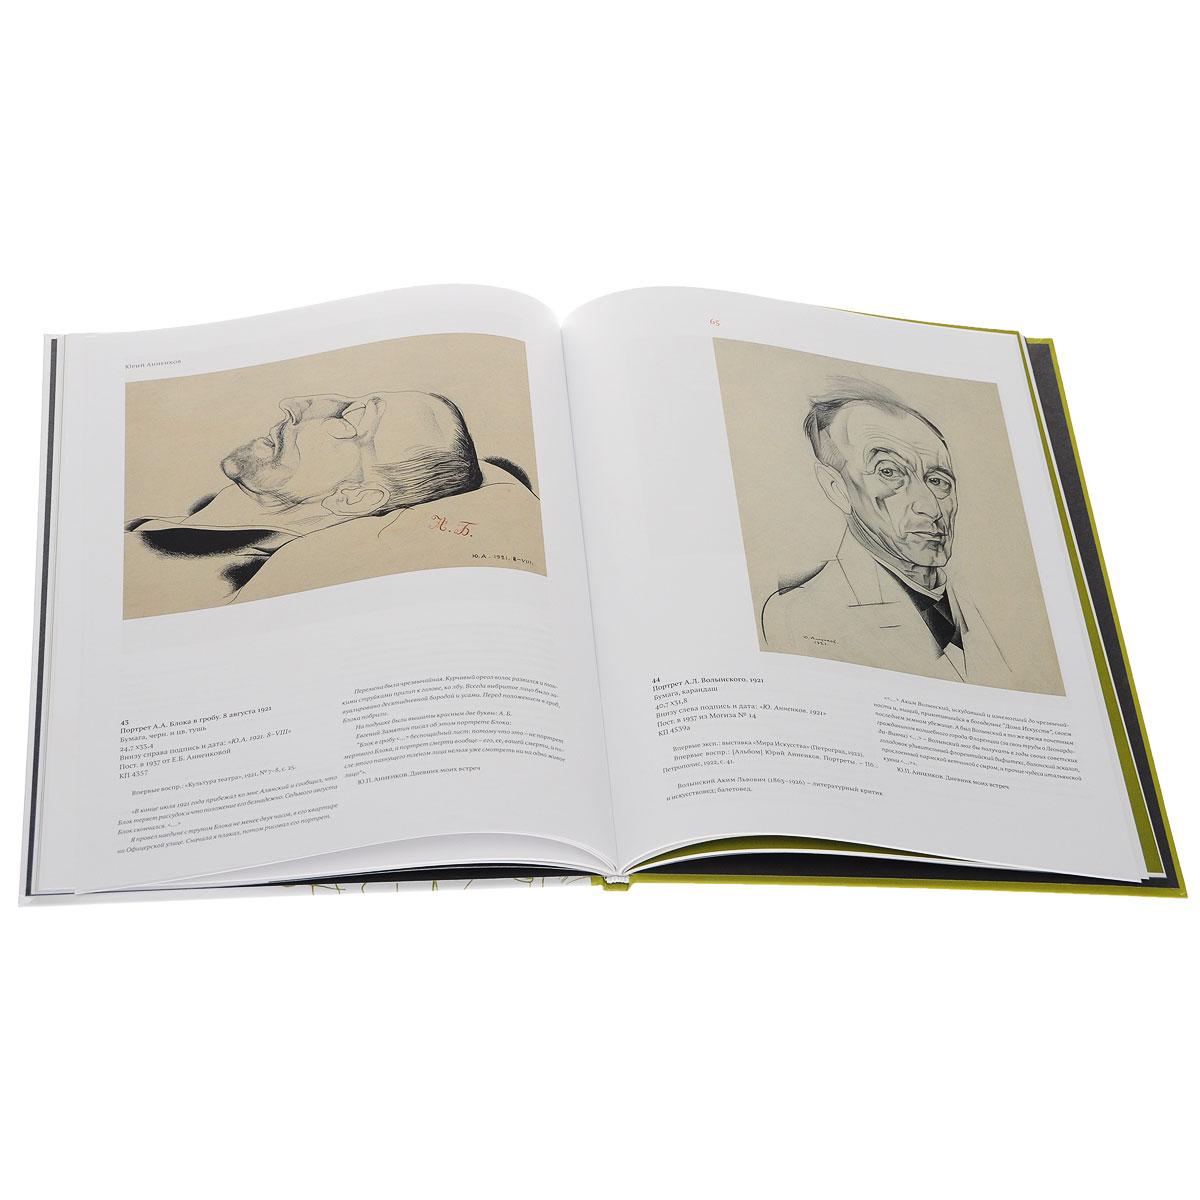 Юрий Анненков. Портреты, иллюстрации, театральные зарисовки. Альбом-каталог